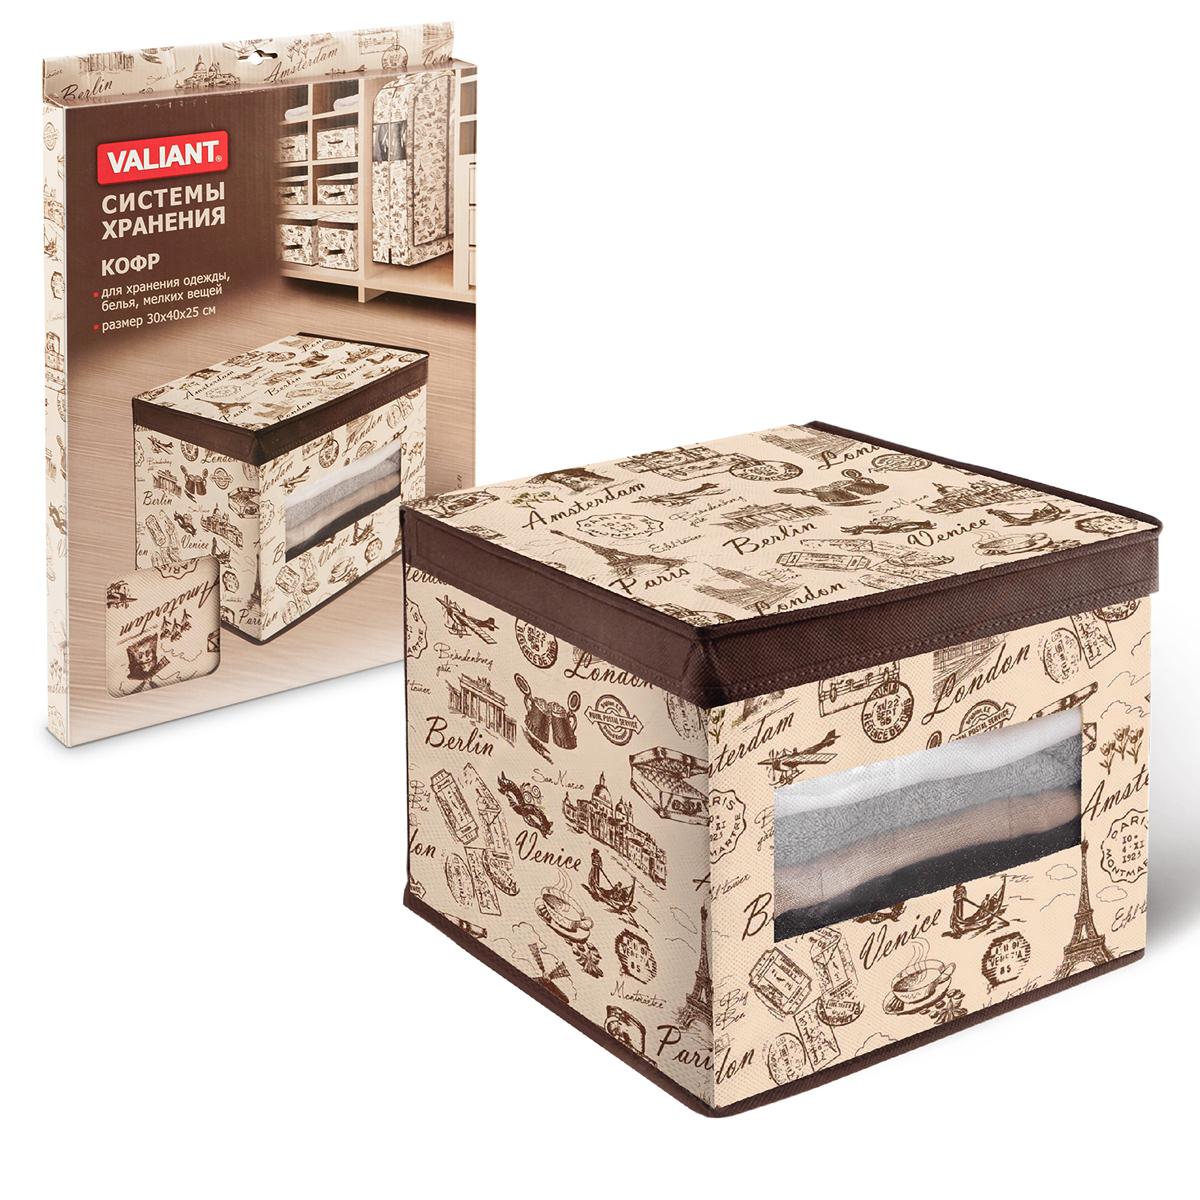 Кофр для хранения Valiant Travelling, с окошком, 30 см х 40 см х 25 смTRB312Кофр для хранения Valiant Travelling изготовлен из высококачественного нетканого материала (спанбонда), который обеспечивает естественную вентиляцию, позволяя воздуху проникать внутрь, но не пропускает пыль. Вставки из плотного картона хорошо держат форму. Кофр снабжен специальной крышкой, а также прозрачным окошком из ПВХ. Изделие отличается мобильностью: легко раскладывается и складывается. В таком кофре удобно хранить одежду, белье и мелкие аксессуары.Оригинальный дизайн погружает в атмосферу путешествий по разным городам и странам. Системы хранения в едином дизайне сделают вашу гардеробную красивой и невероятно стильной.